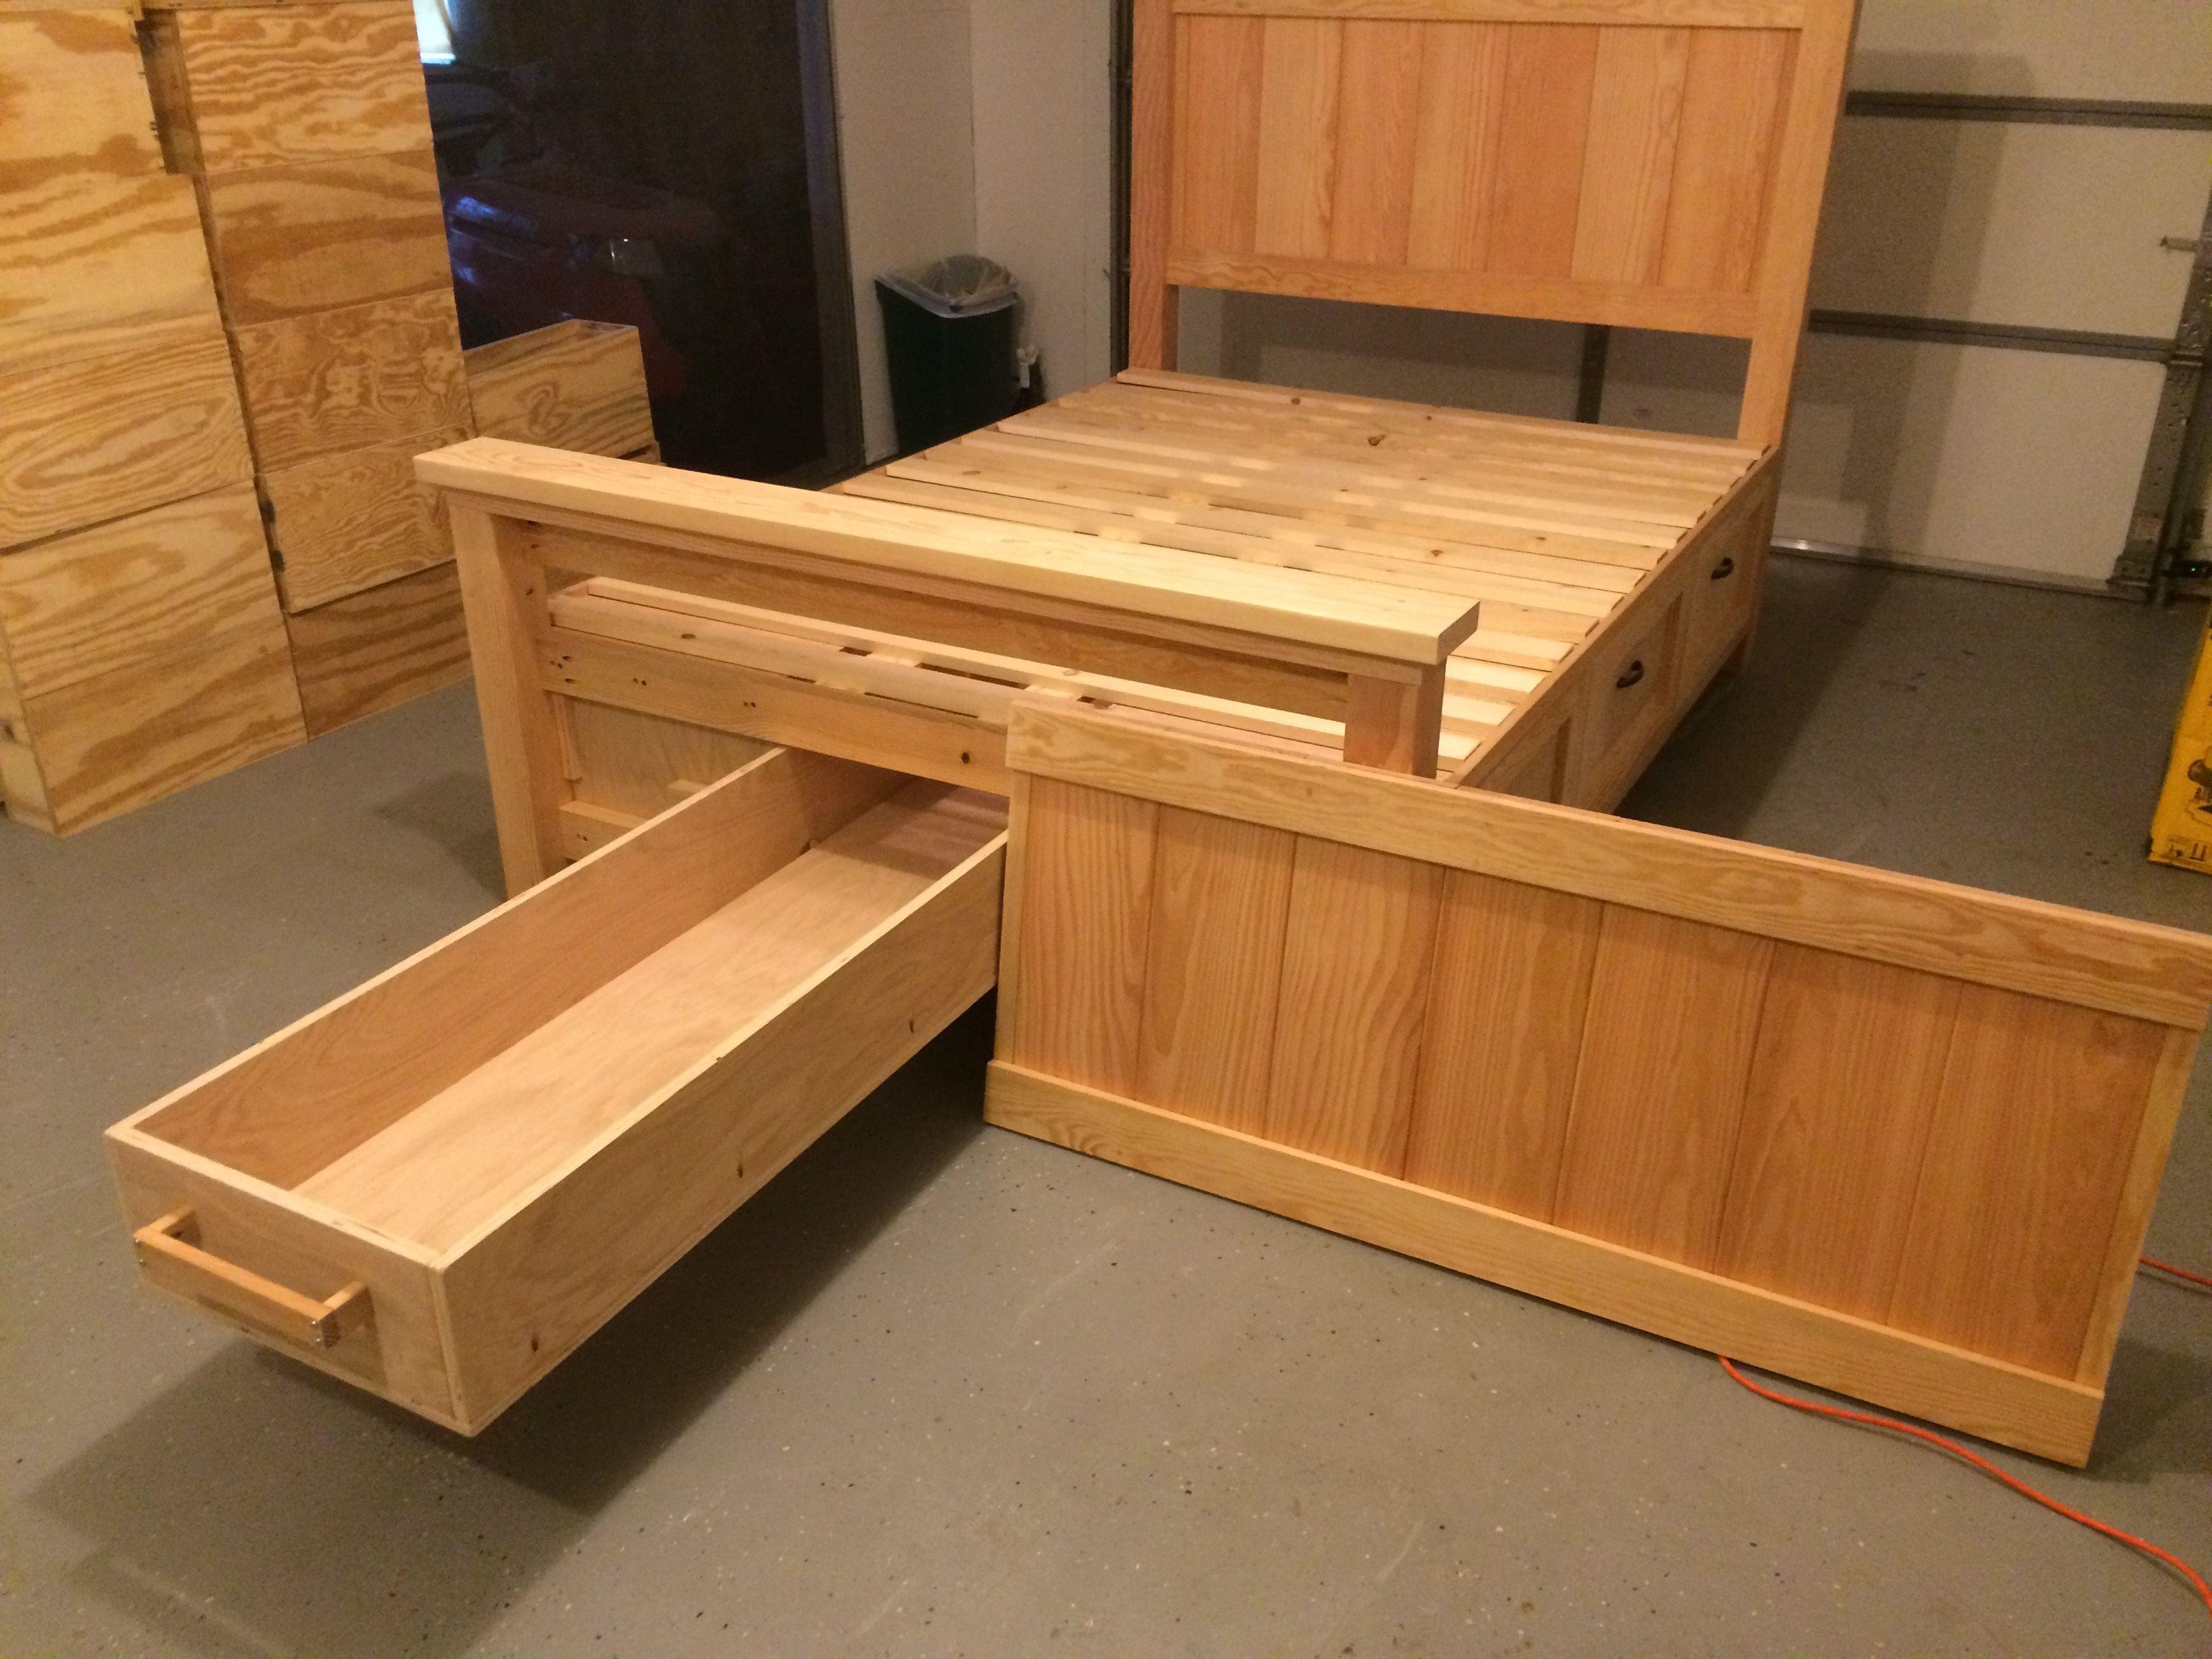 Hideaway Furniture Murphy Bed Hideaway Storage Pinterest Hideaway Storage Gunsafe Furniture Pinterest Bed Storage